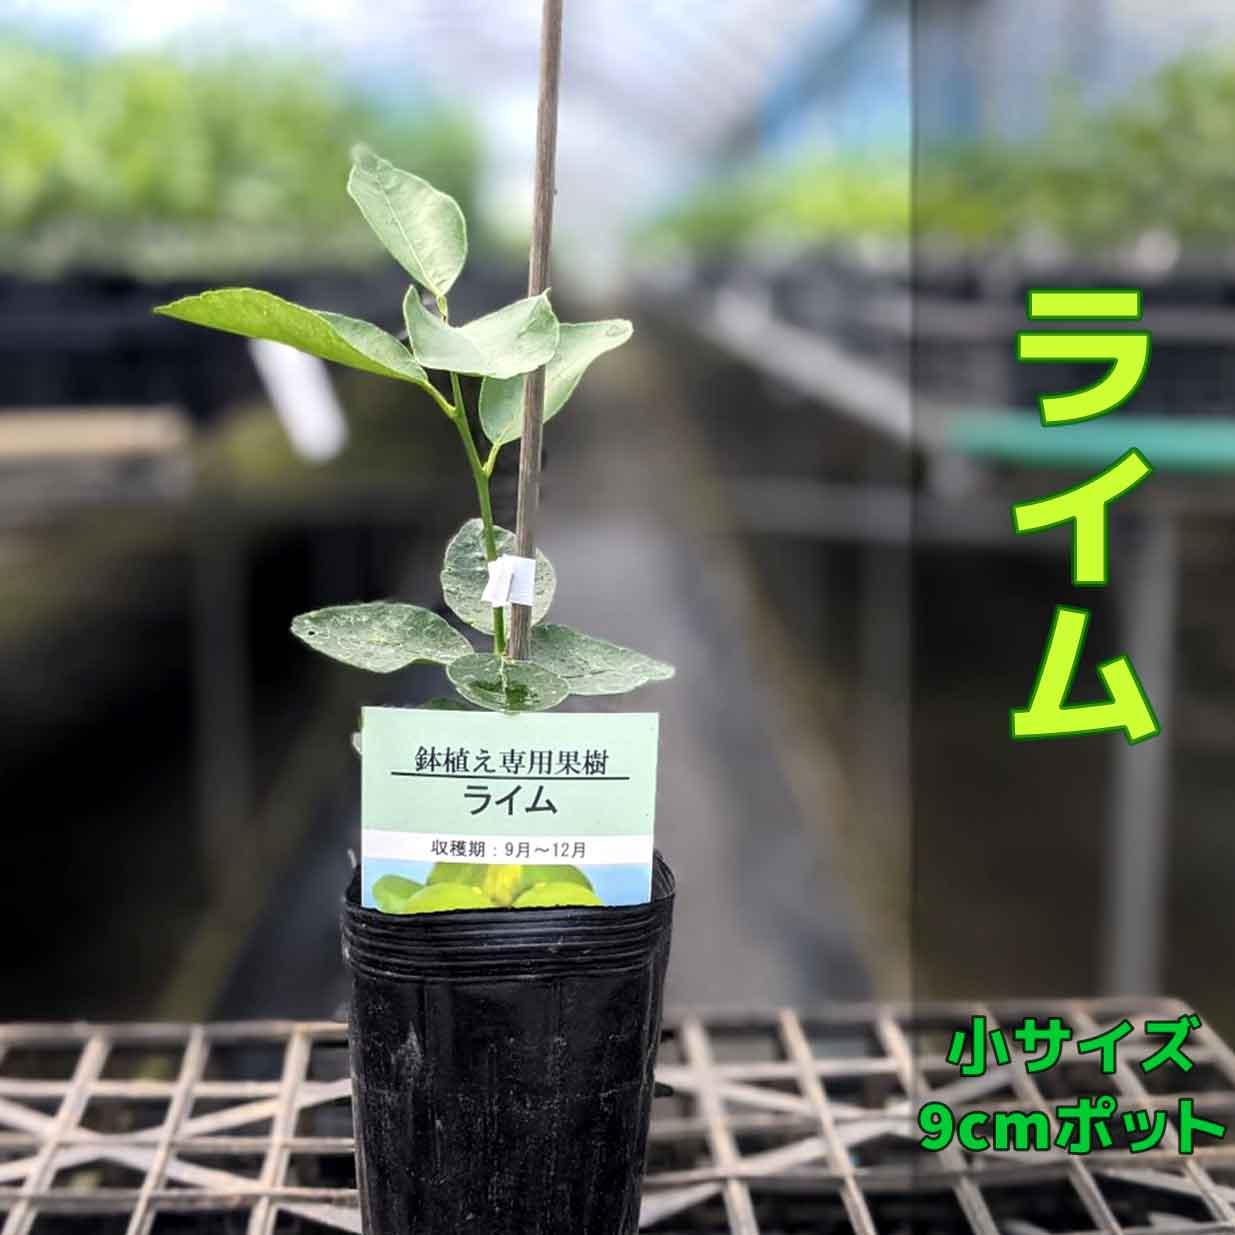 ベランダでライム 鉢植えでマンションやアパートのベランダでもお手軽に育てられる ライムの苗木です 日本三大名産地 福岡県田主丸産 ライム らいむ 苗木 1本で実る 信頼 鉢植え 接ぎ木苗 9cmポット ポット植え 激安通販販売 簡単 柑橘 小 果樹 家庭菜園 タヒチライム